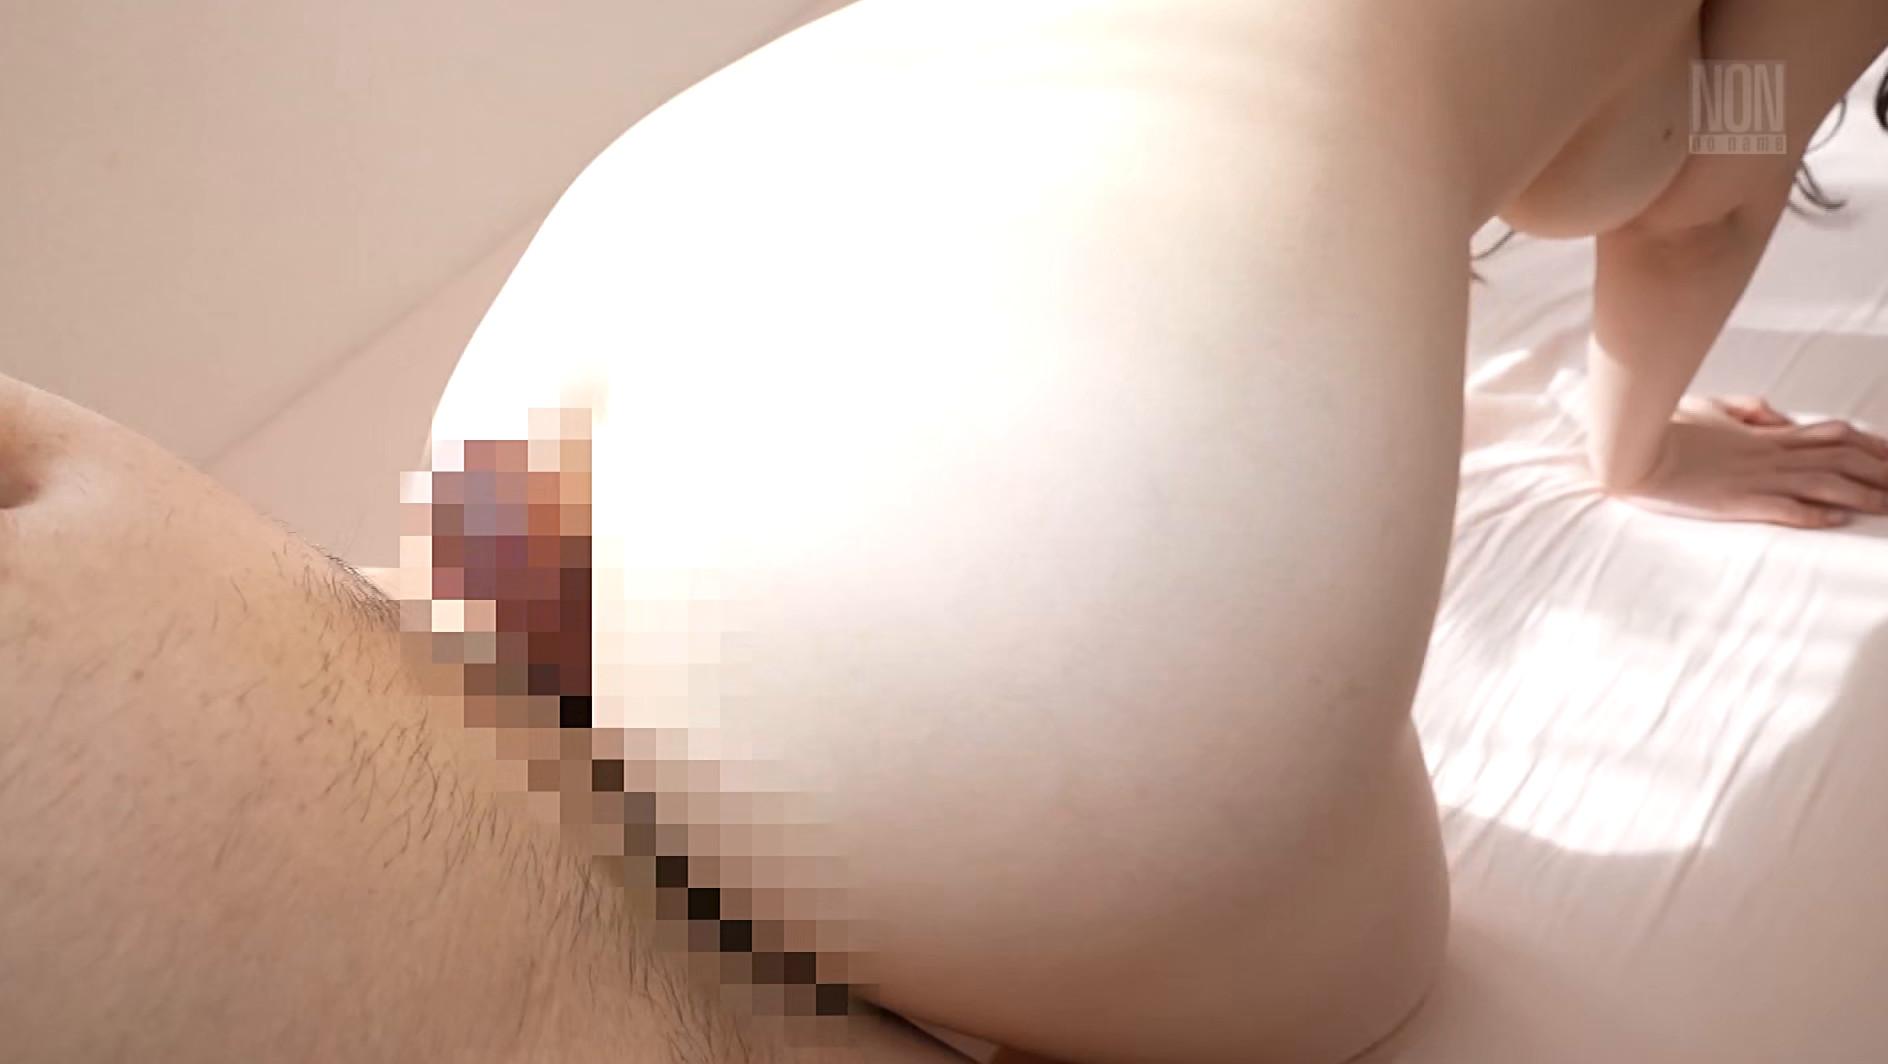 早熟な肉妻の匂い 田中ねね 画像16